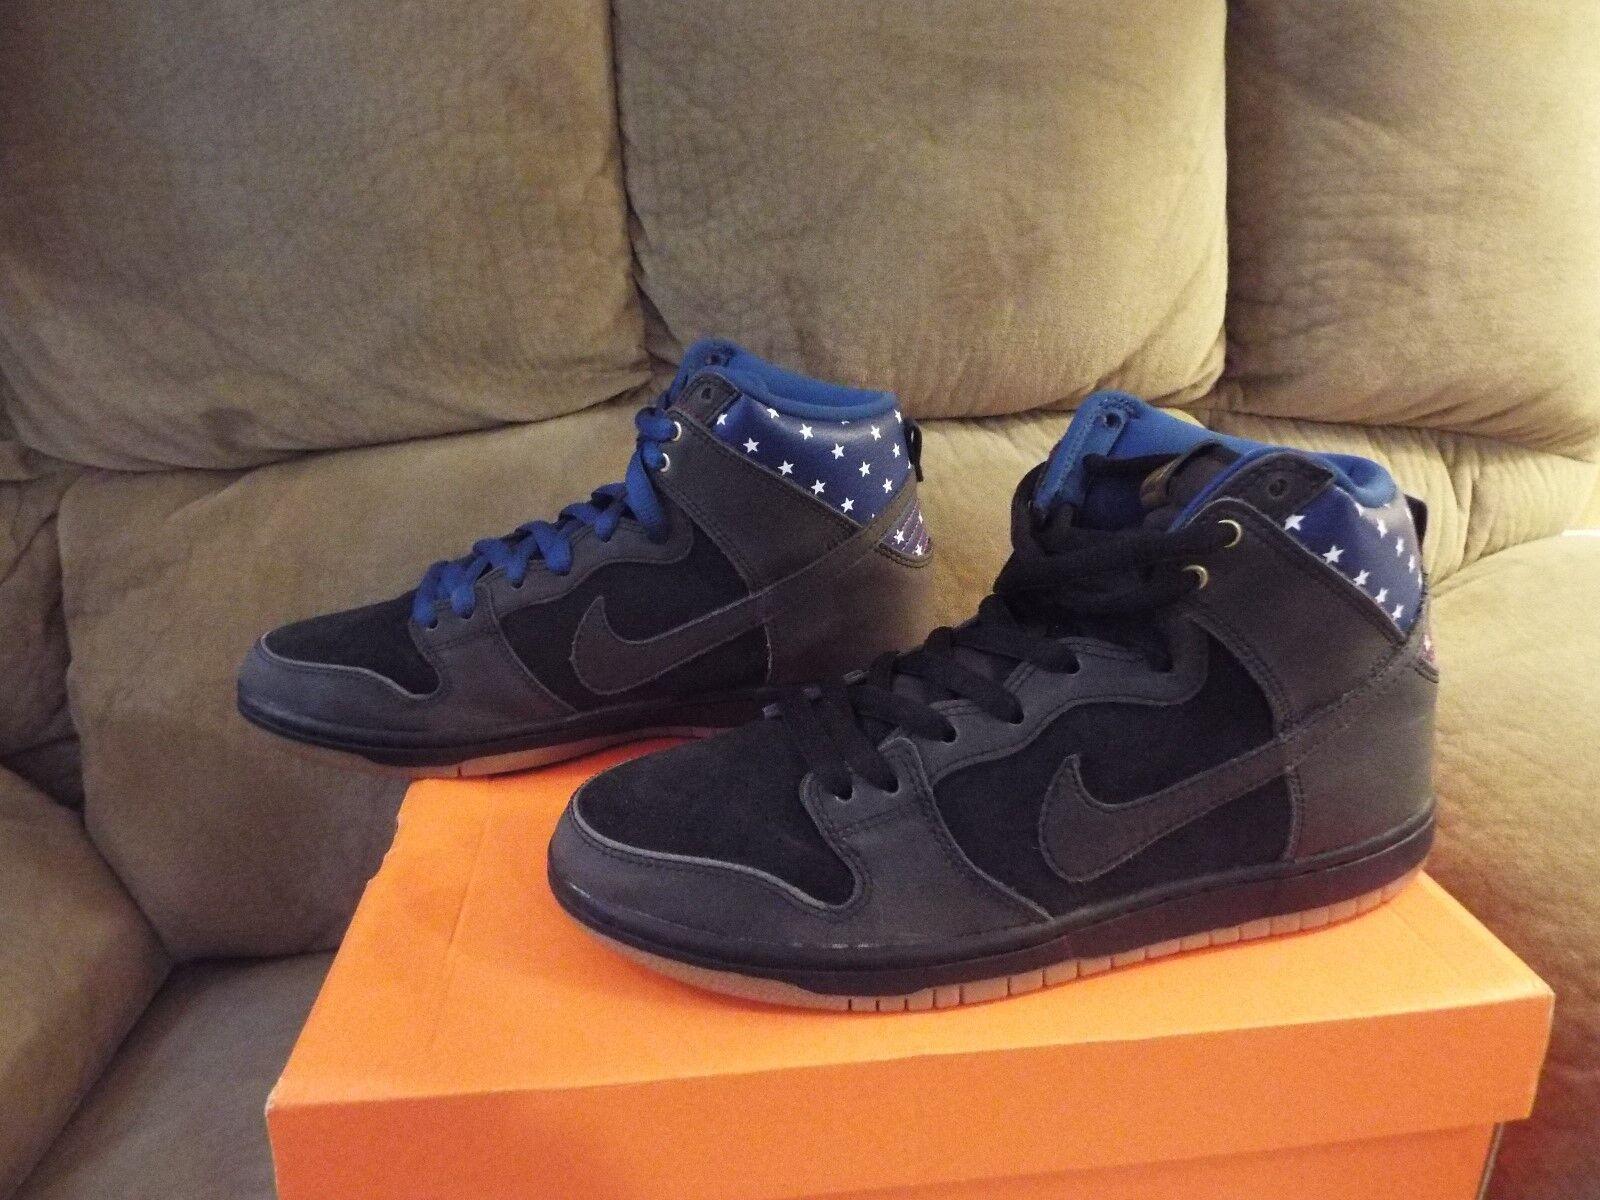 Nike SB Dunk alta pre Estrellas Real Negro \ Oscuro Azul Real Estrellas 313171 022 Capitán América 8.5 eb4164